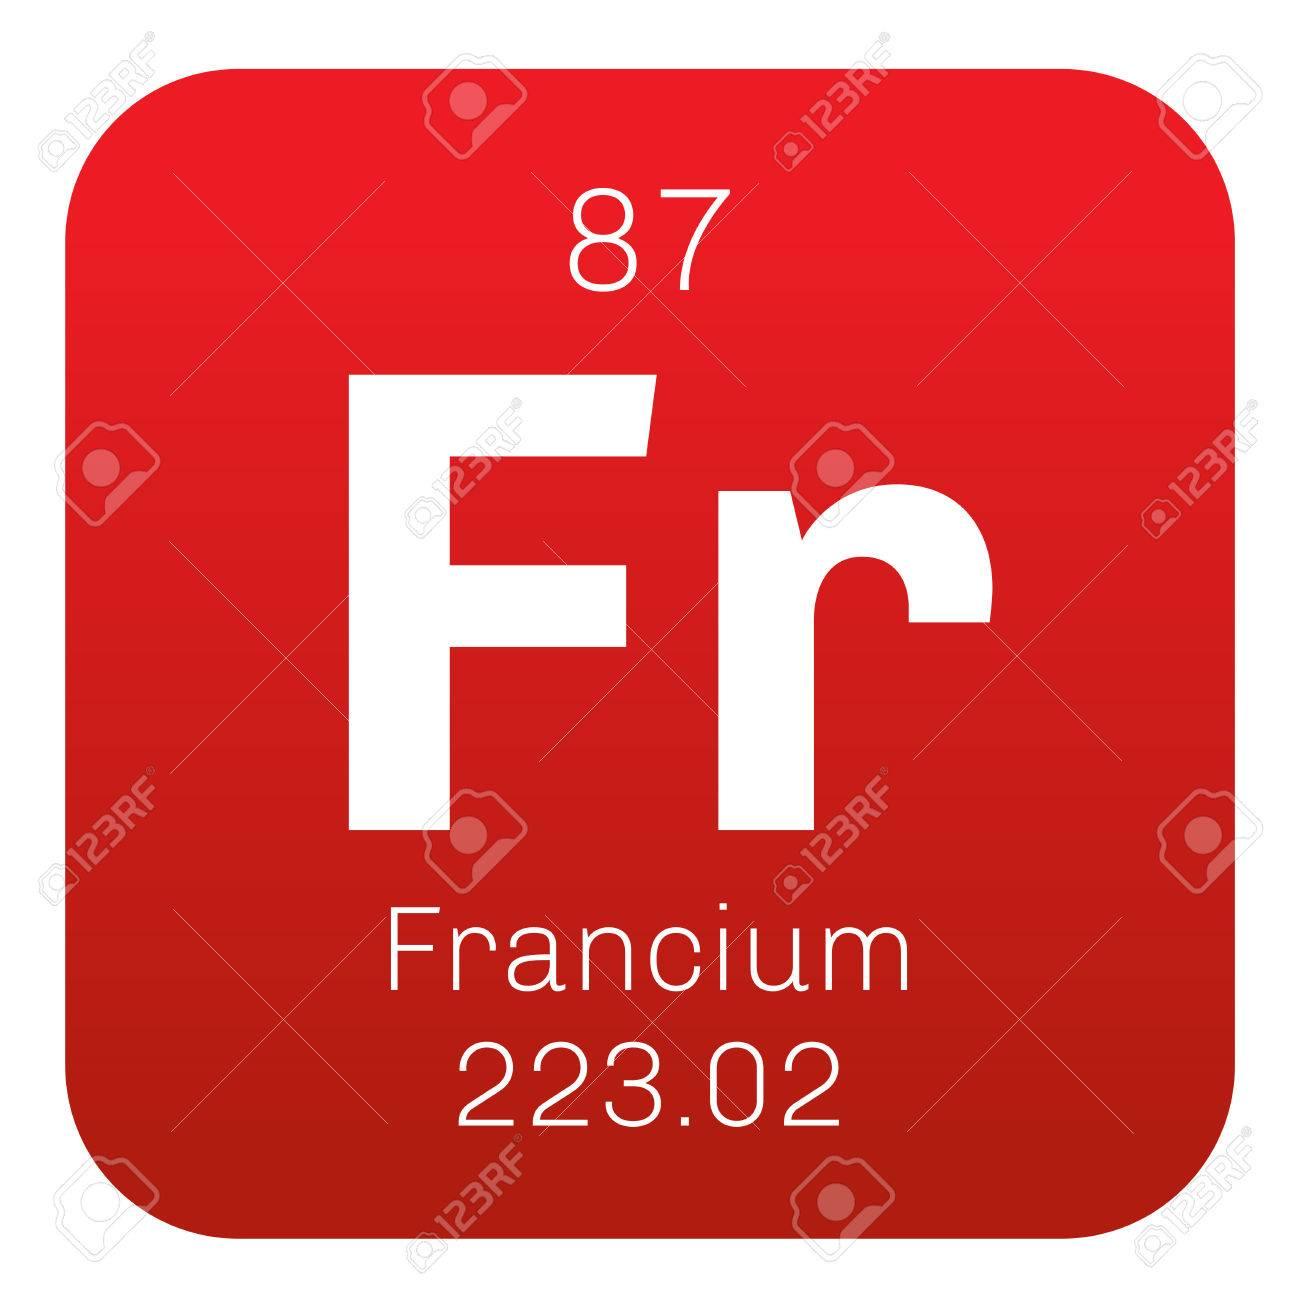 Elemento qumico francio francio es un metal altamente radiactivo elemento qumico francio francio es un metal altamente radiactivo icono de color con el urtaz Choice Image